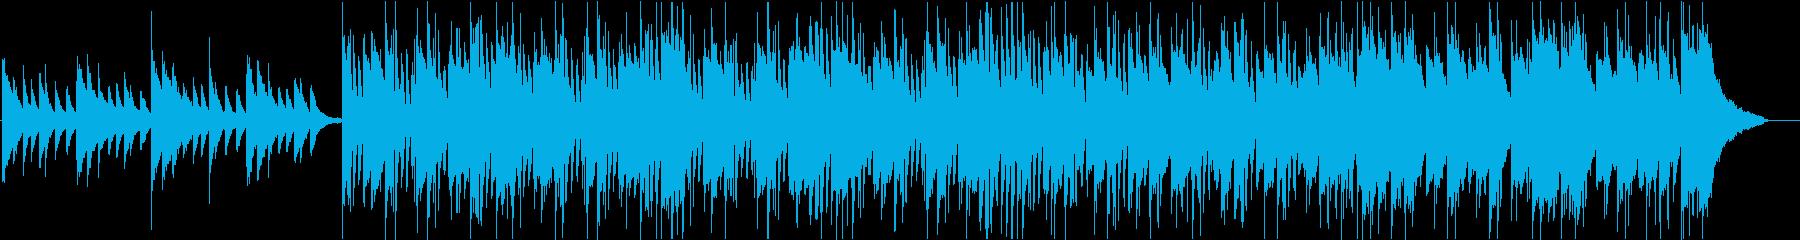 情熱的な雰囲気の疾走ピアノロックの再生済みの波形